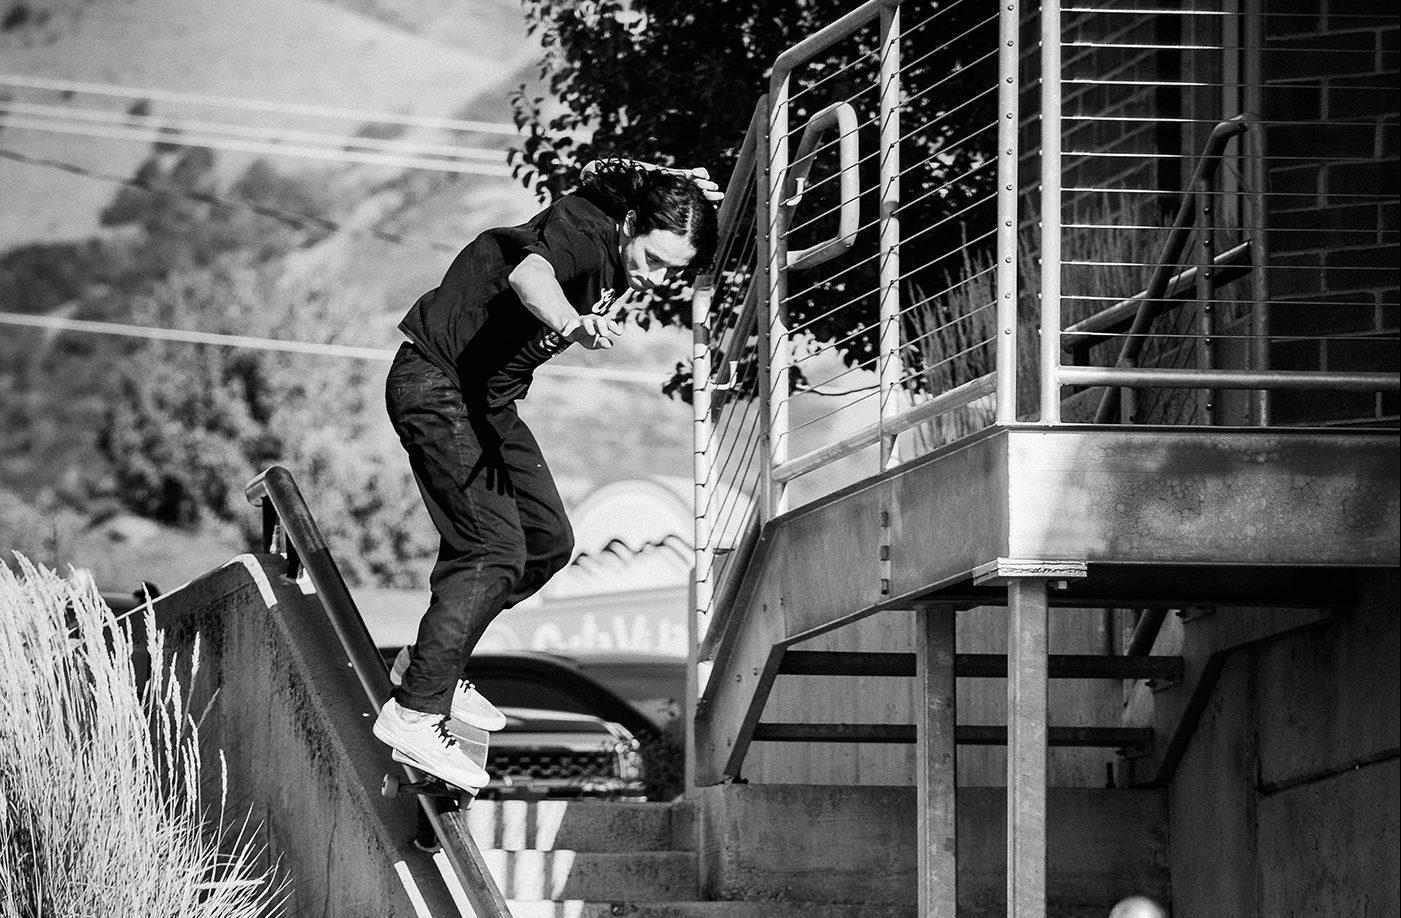 Mikey Martinez – Backside 50-50 – SLC, Utah